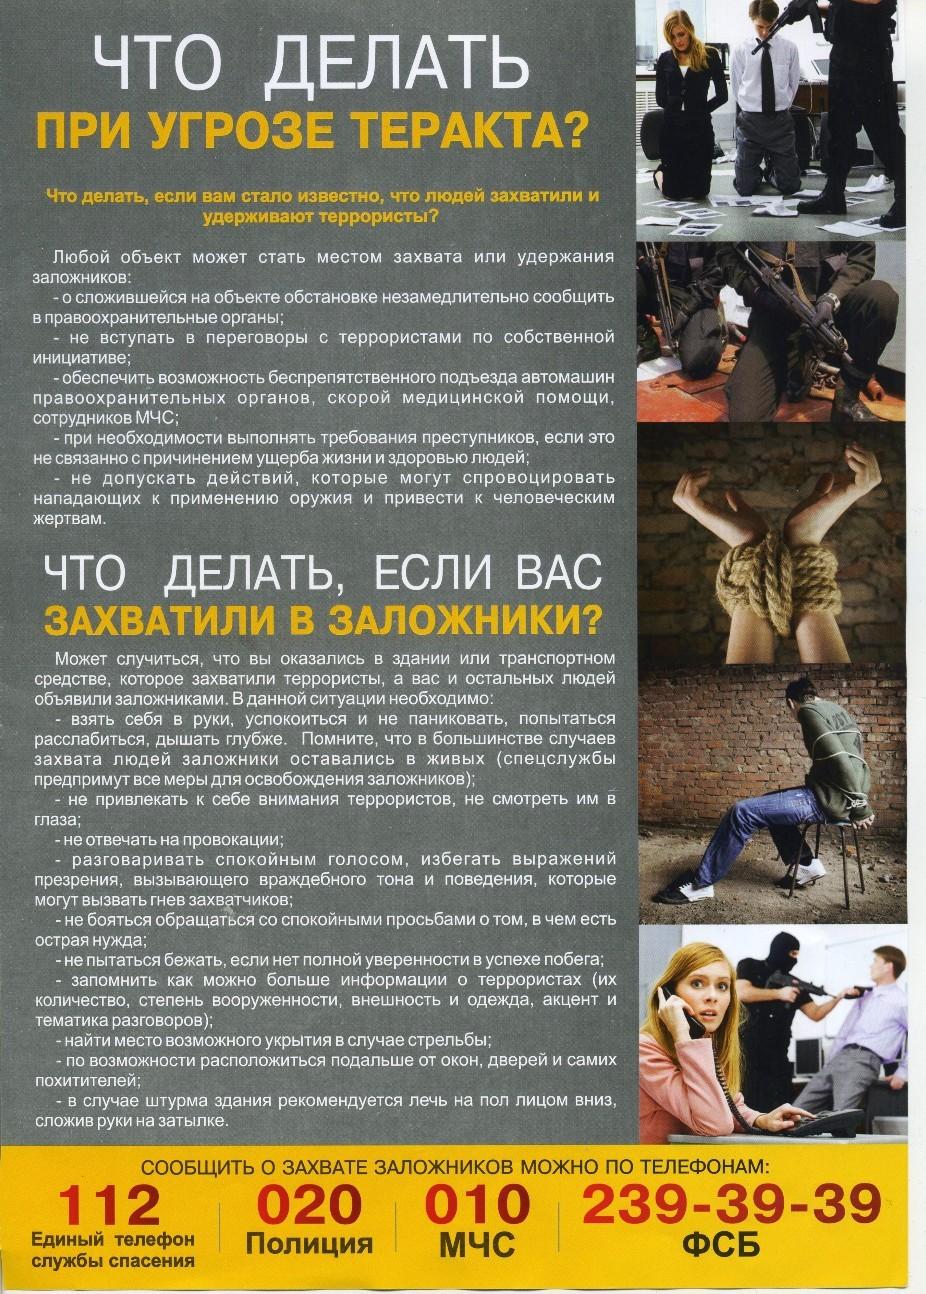 http://prm-sch59.edusite.ru/images/p366_terrr.jpg